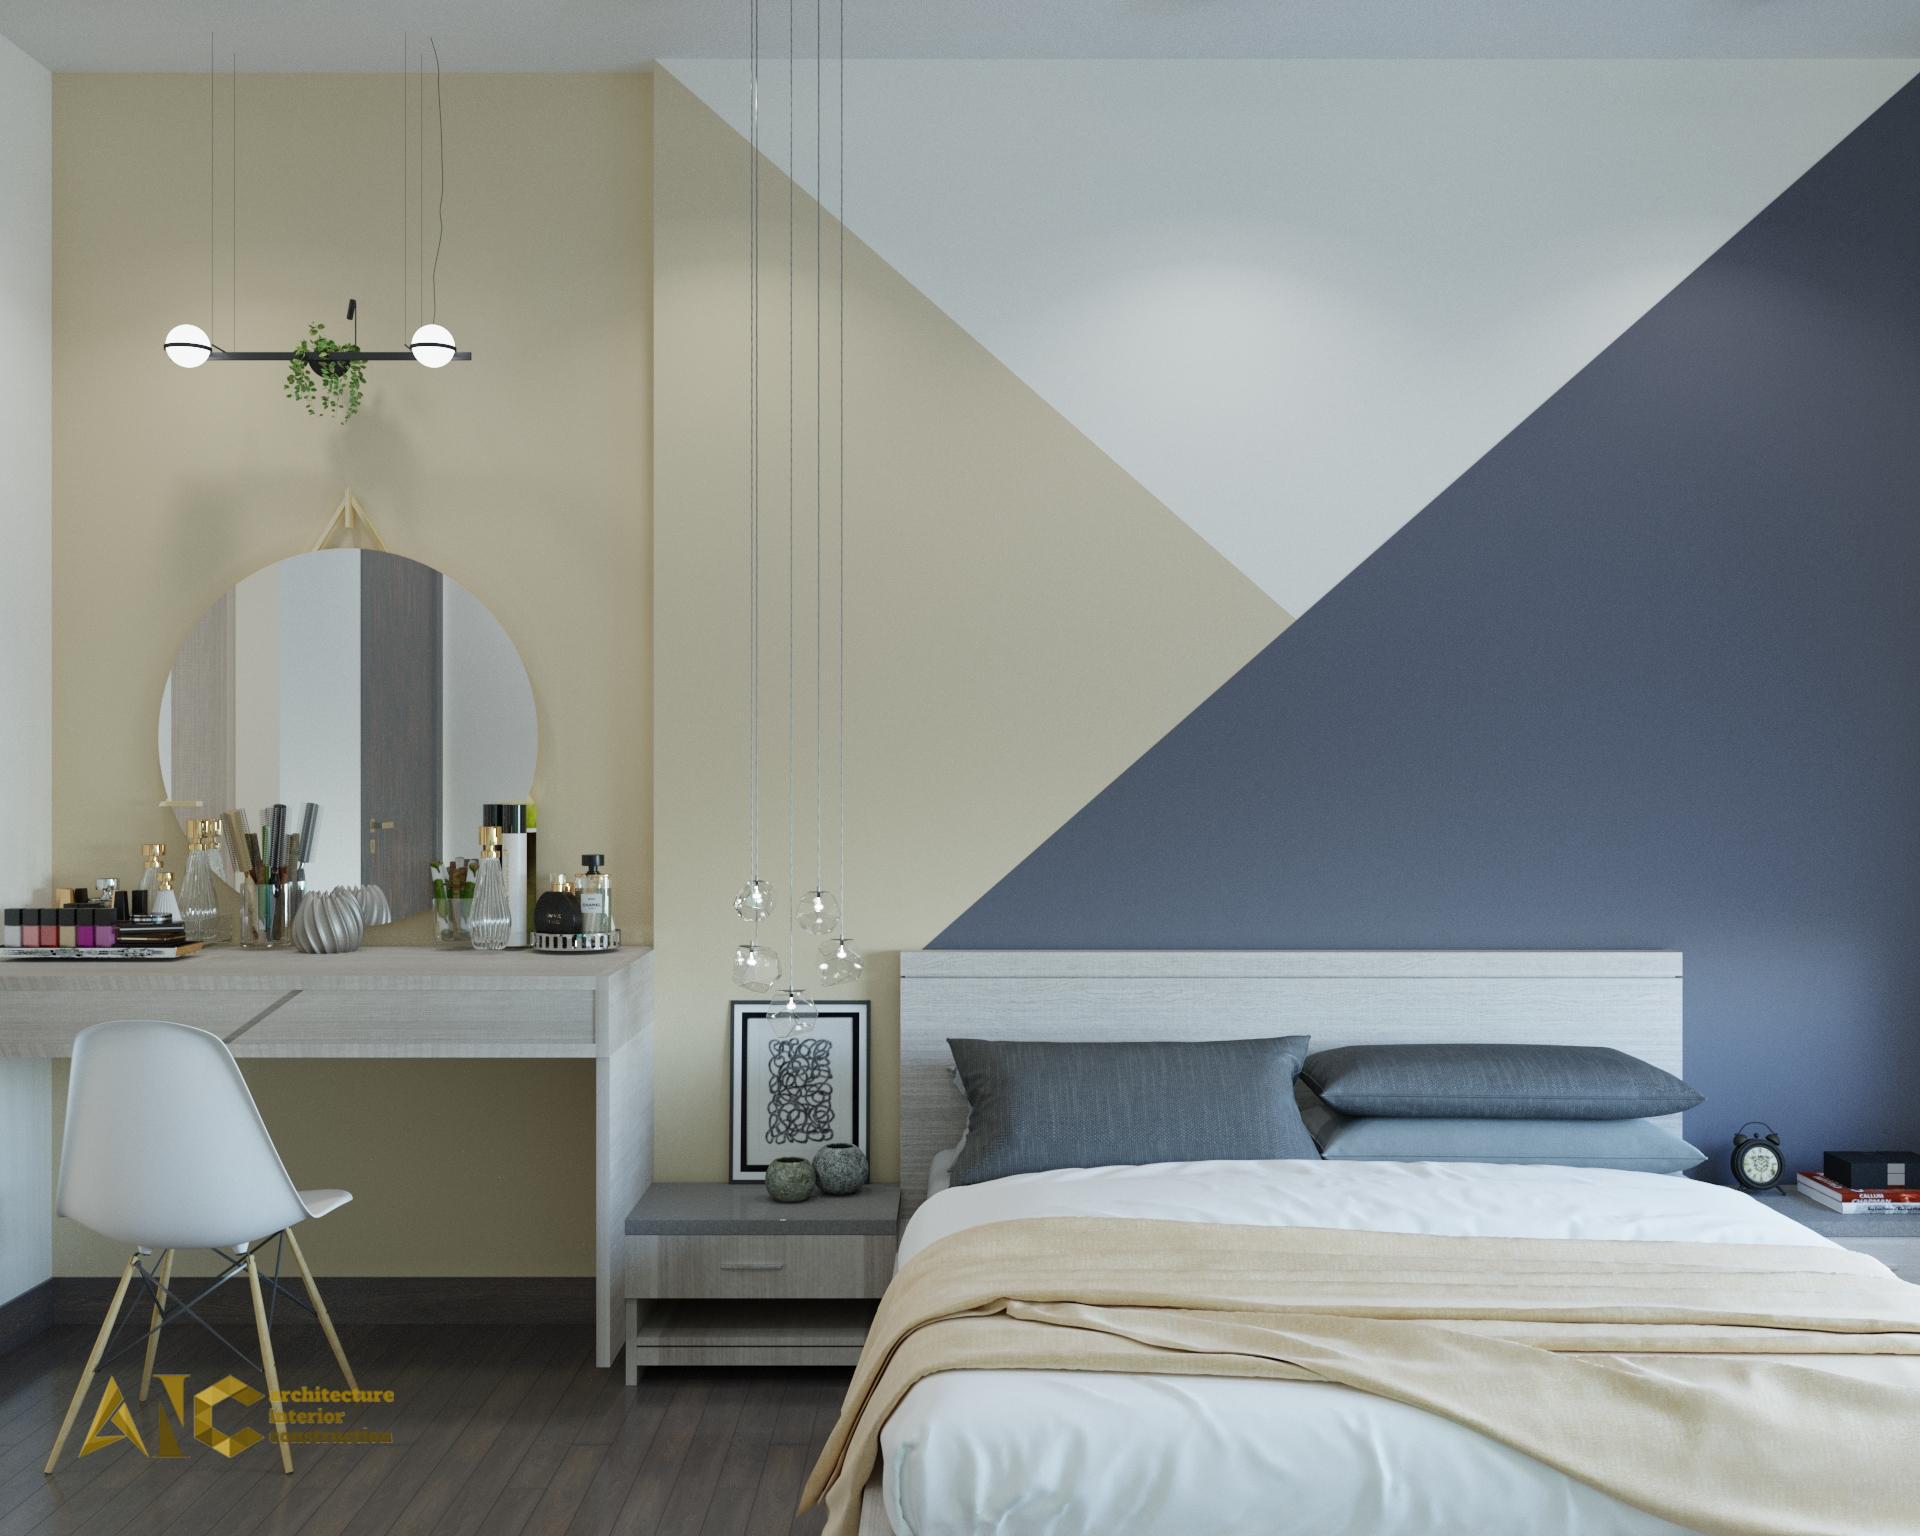 thiết kế và thi công nội thất căn hộ chú Chương - Golden Mansion view 2